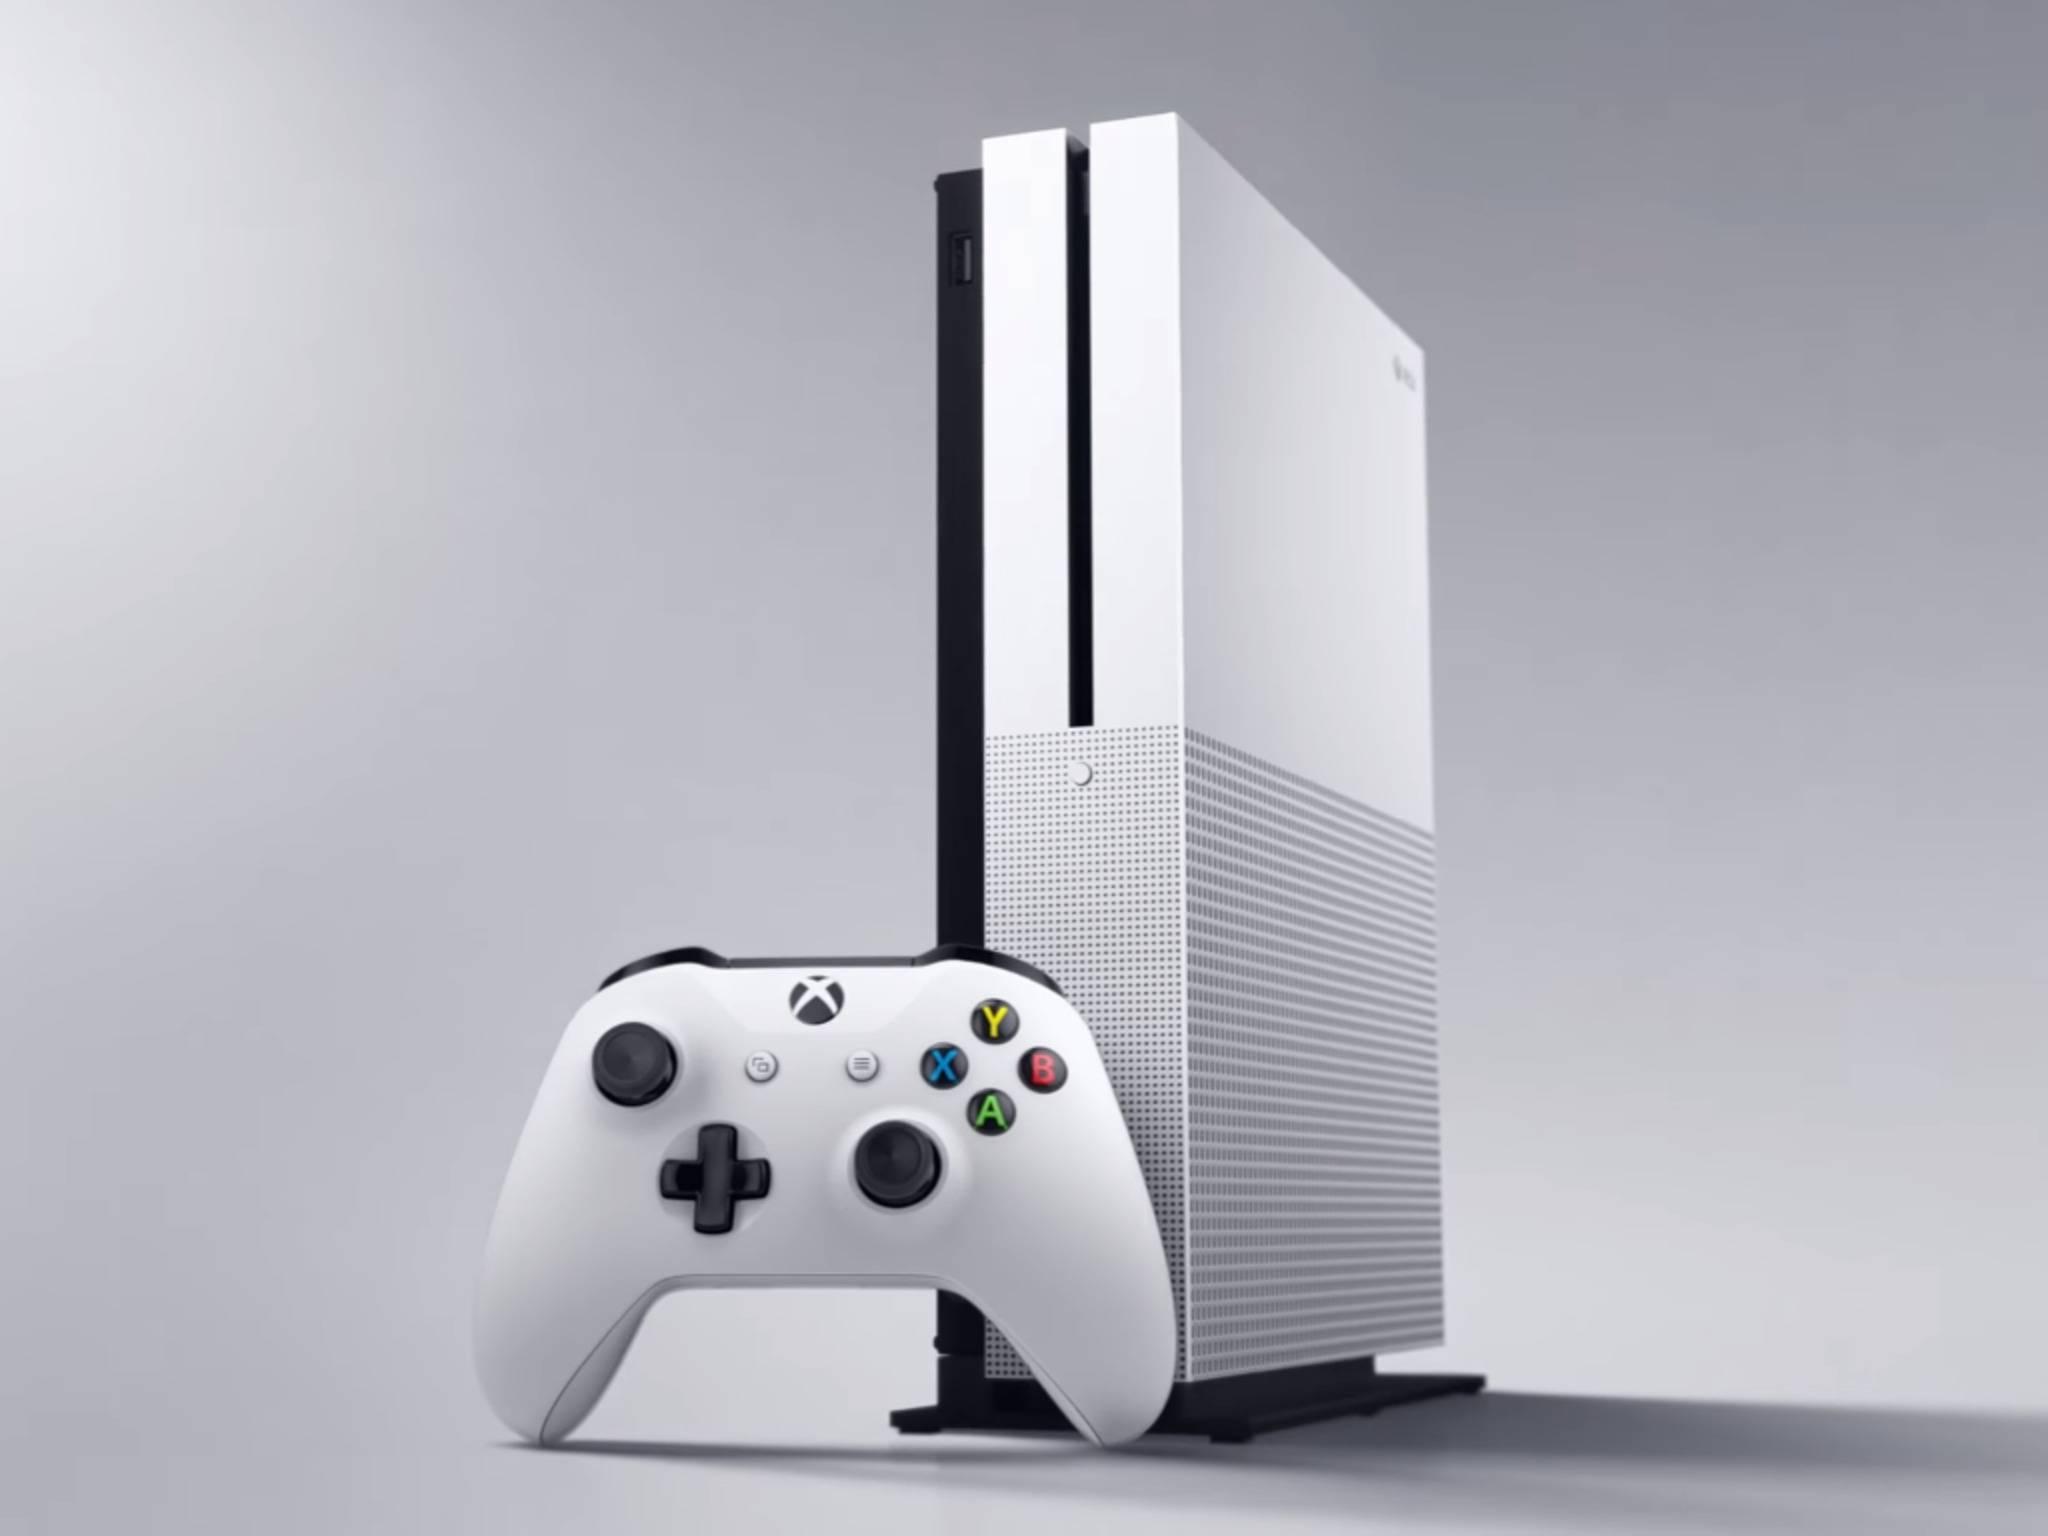 Die Xbox One S könnte der 4K Blu-ray zum Durchbruch verhelfen.